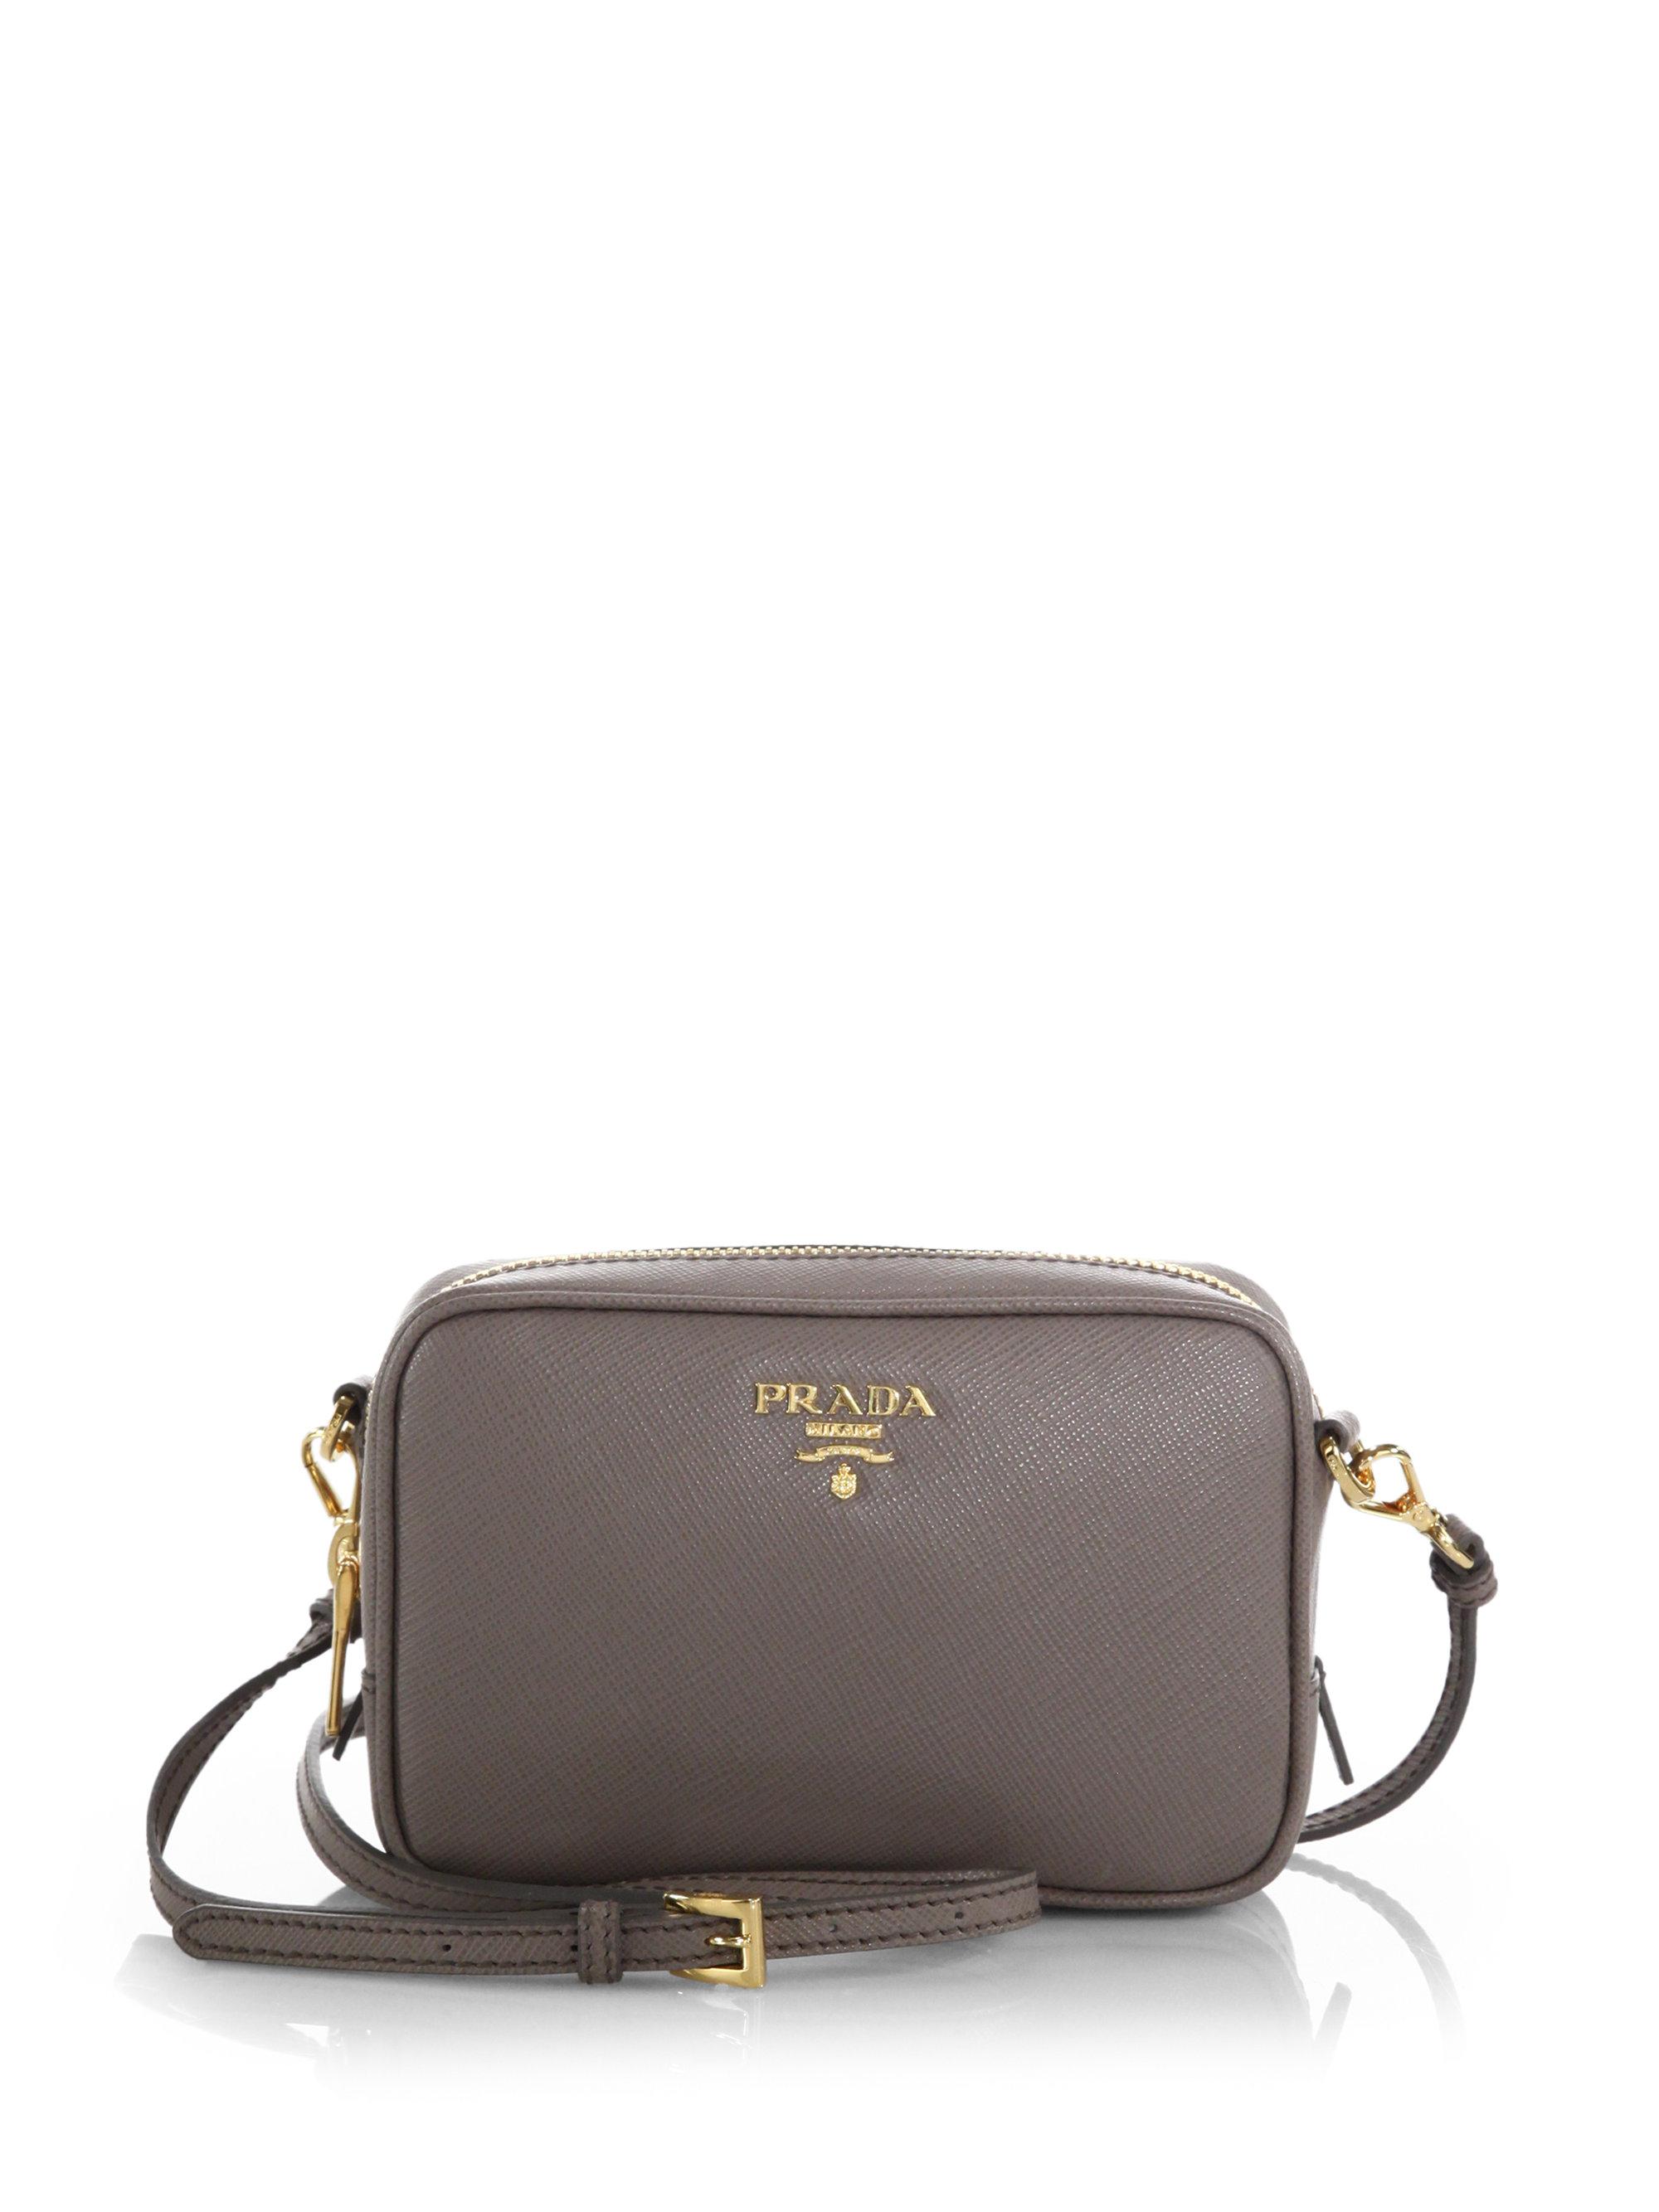 1dac7e145709 ... reduced lyst prada saffiano leather camera bag in gray 4f6cc 1f5a2